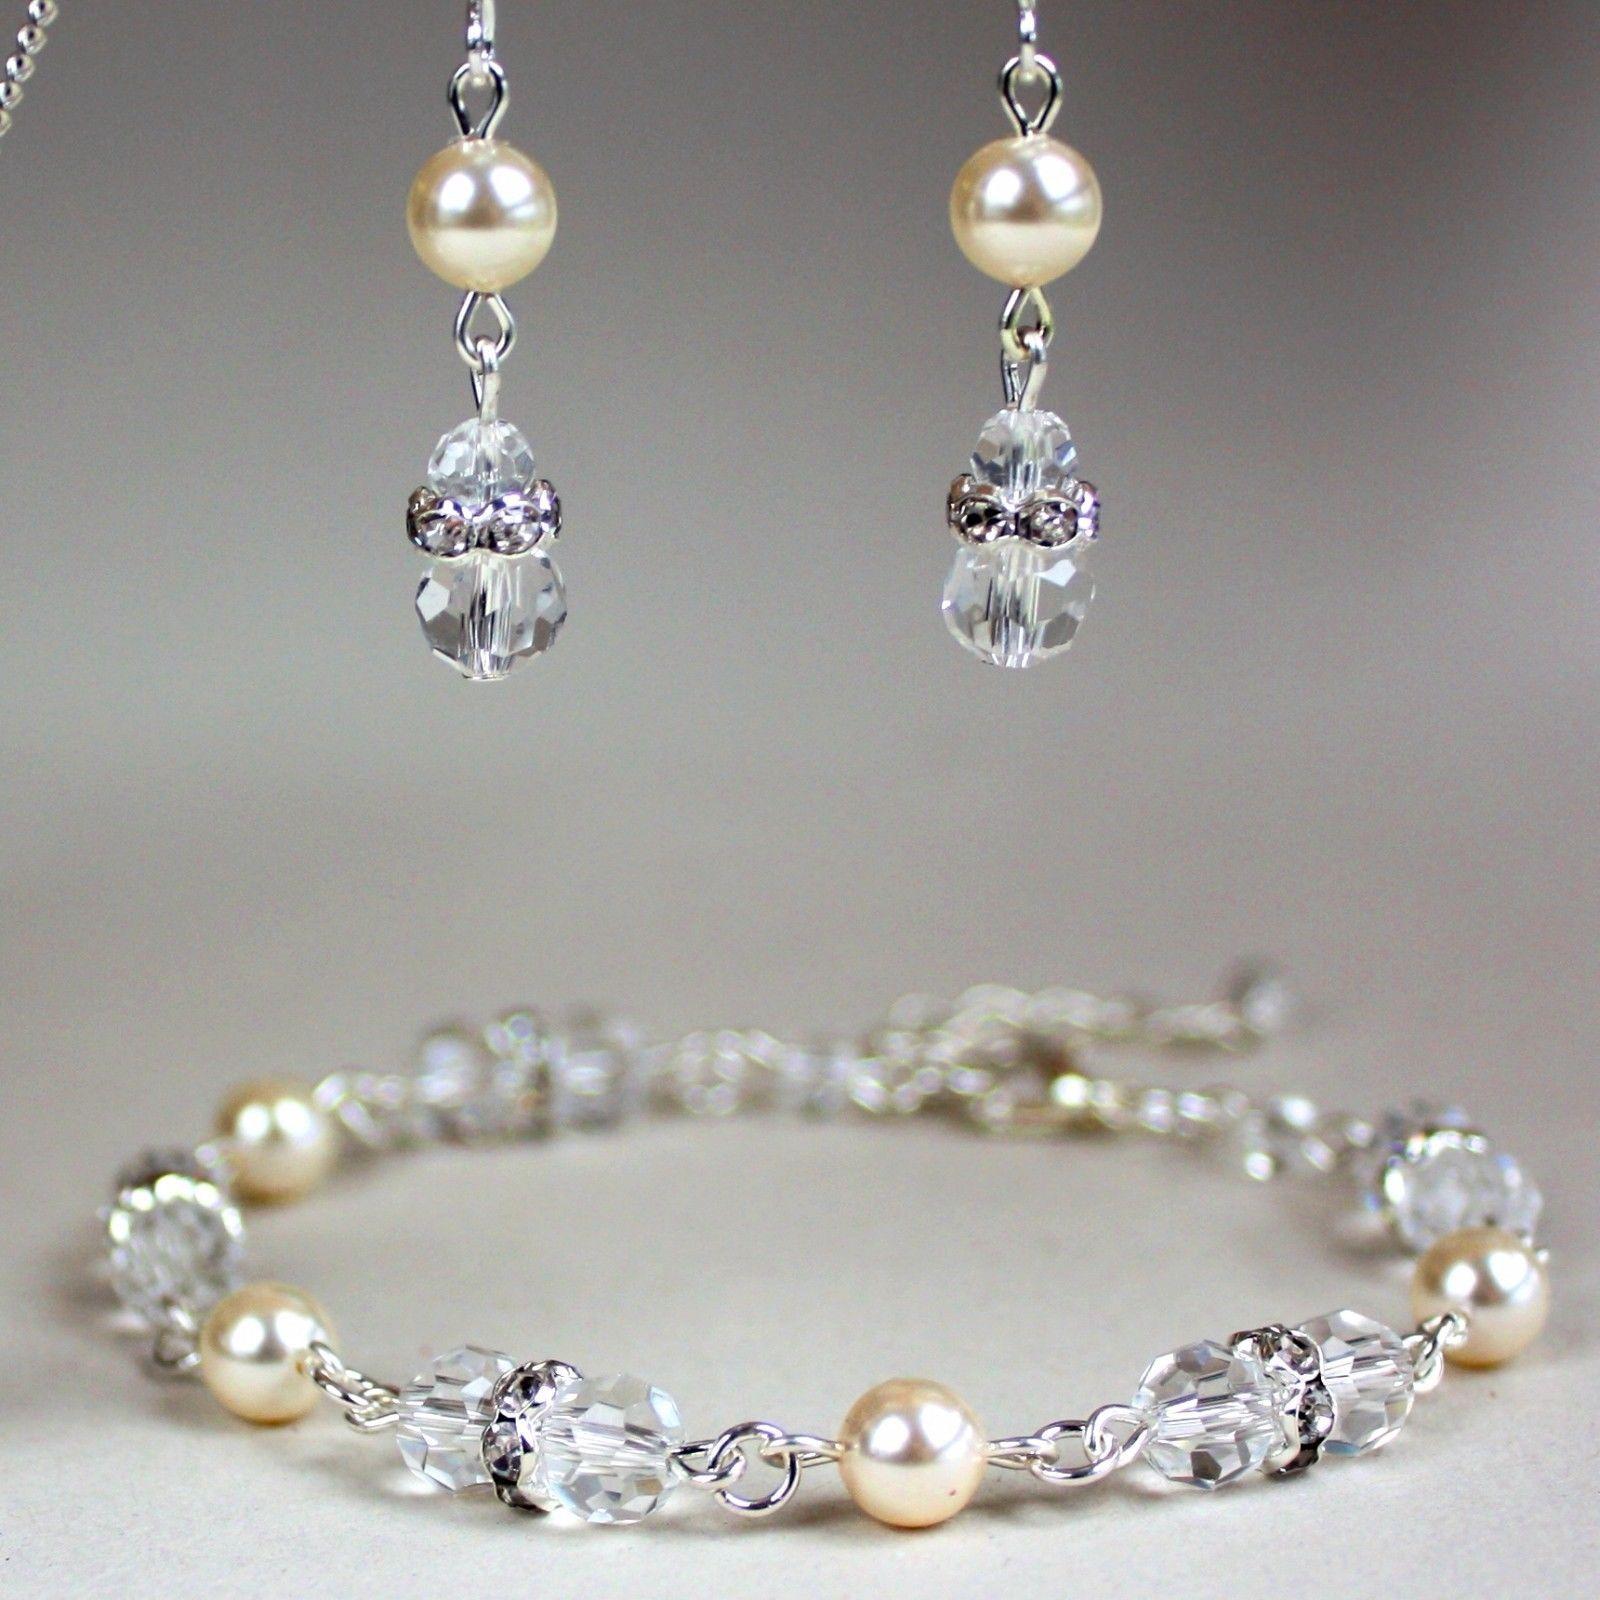 Cream Pearls Crystals Bracelet Earrings Silver Bridesmaid